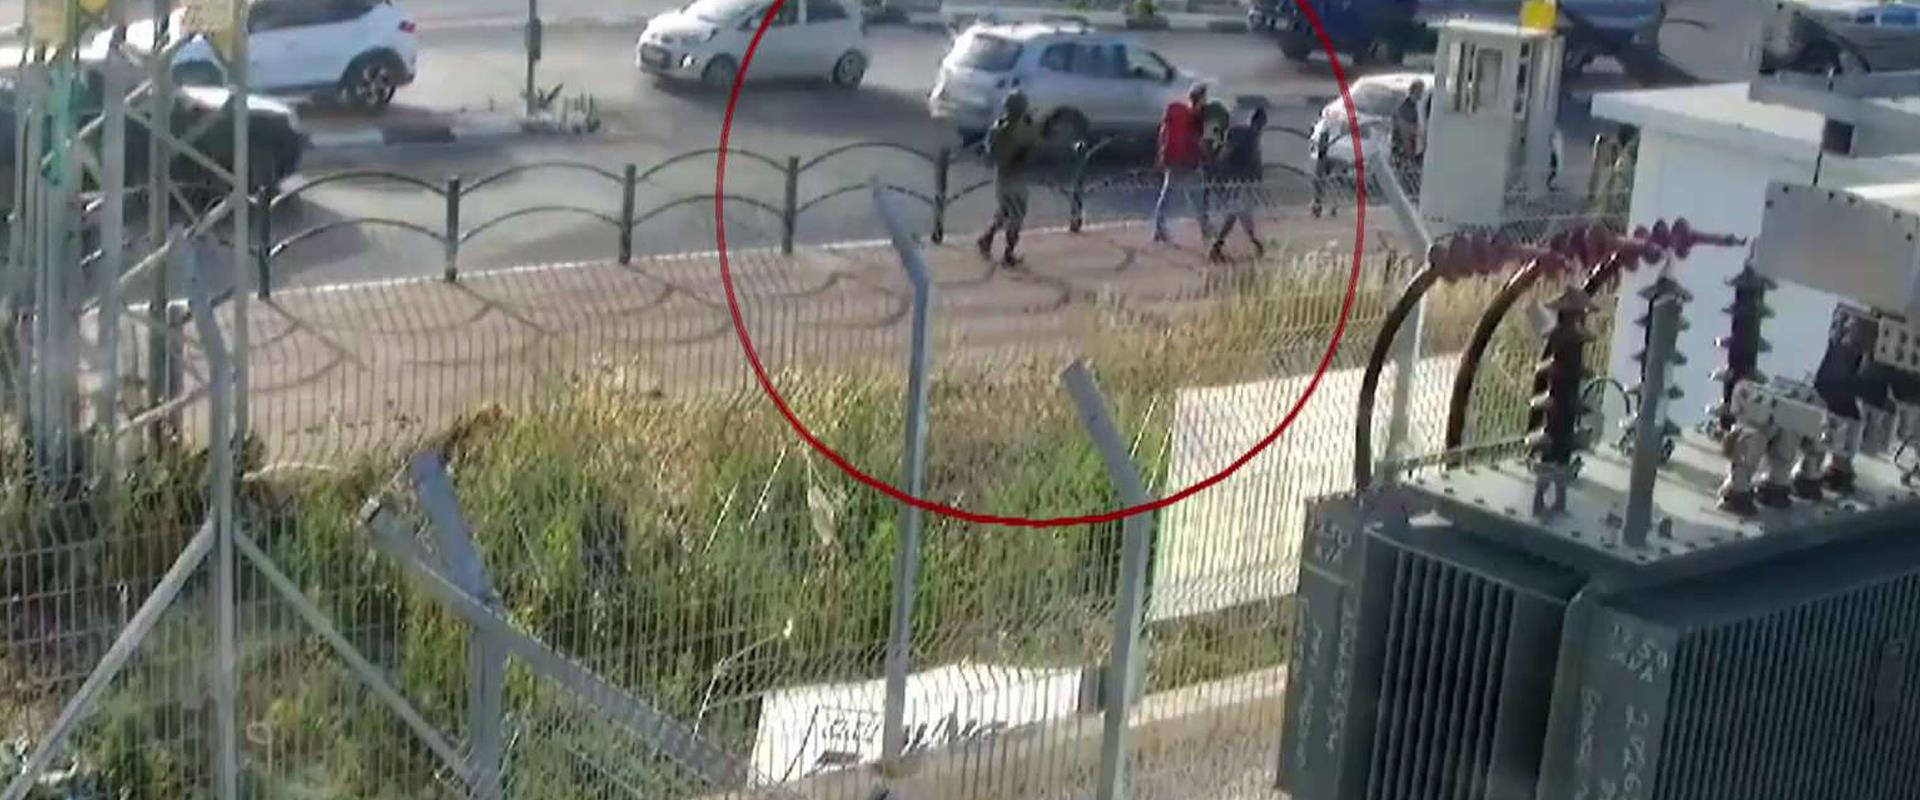 اعتداء إرهابي في مفترق تابواح